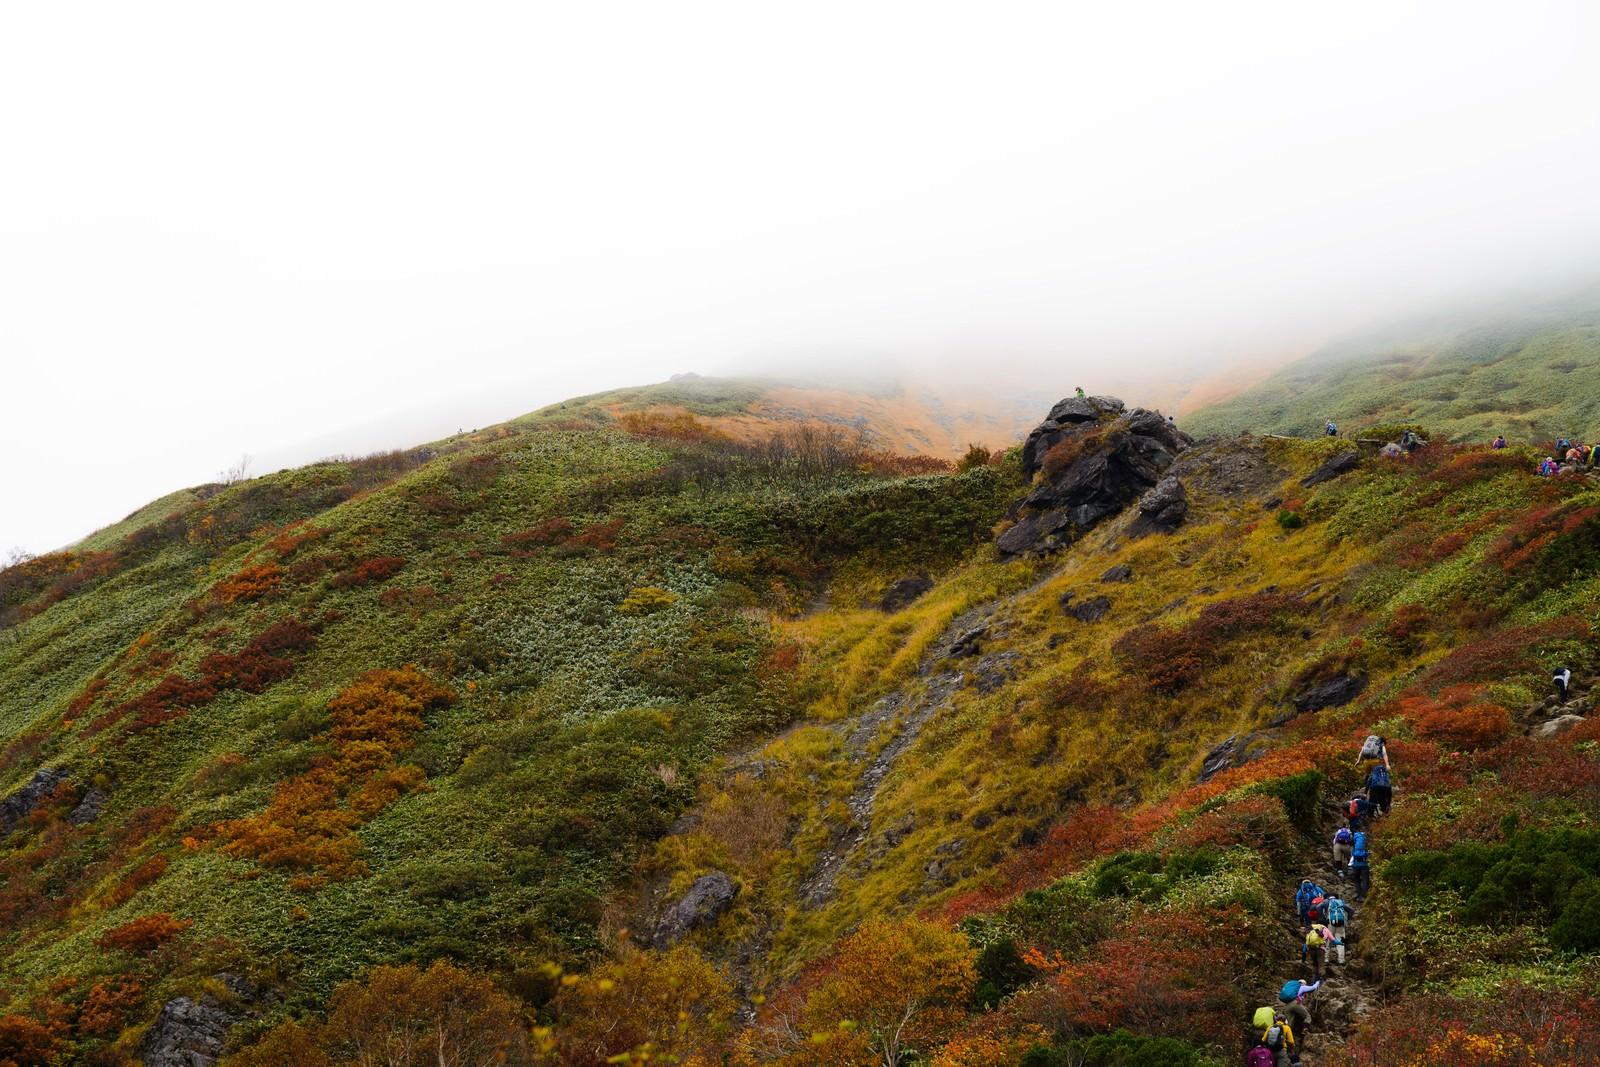 「黄葉する秋の谷川岳と登山者の姿」の写真